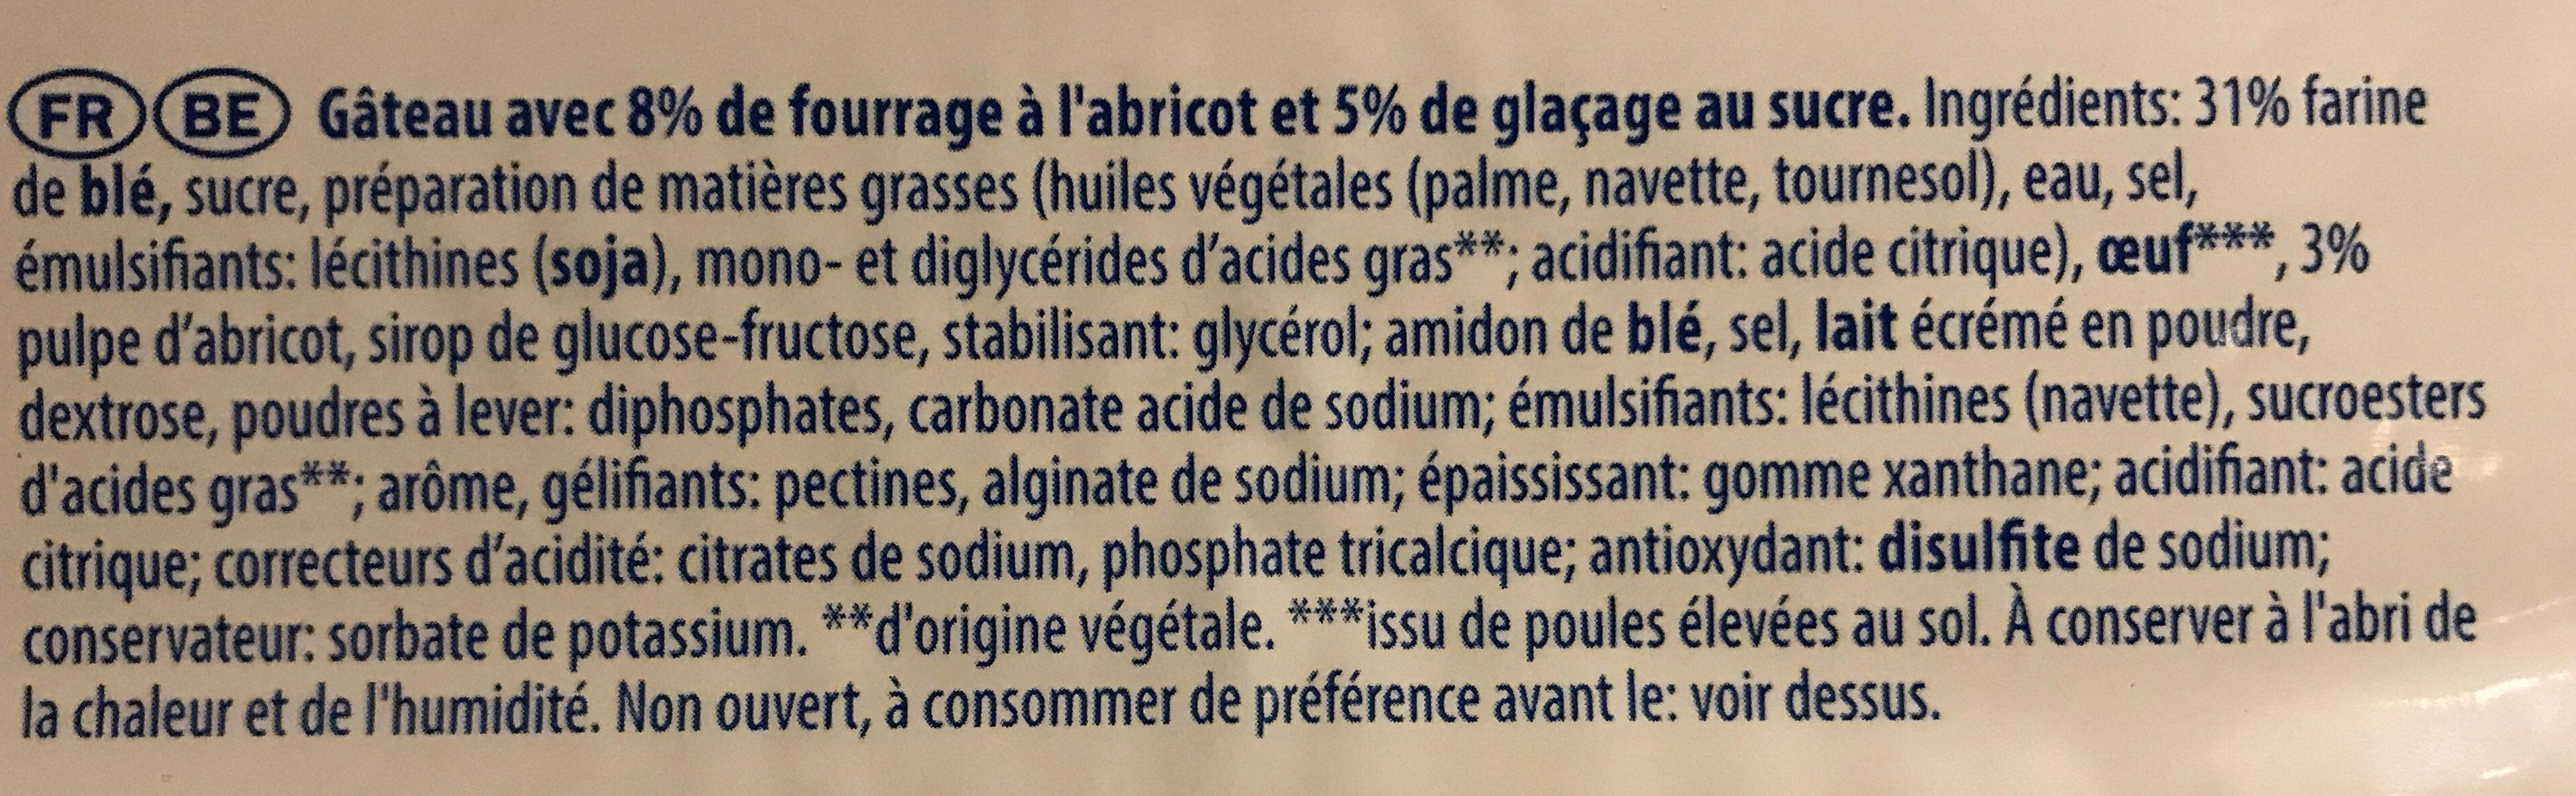 Frangipanes - Ingrediënten - fr